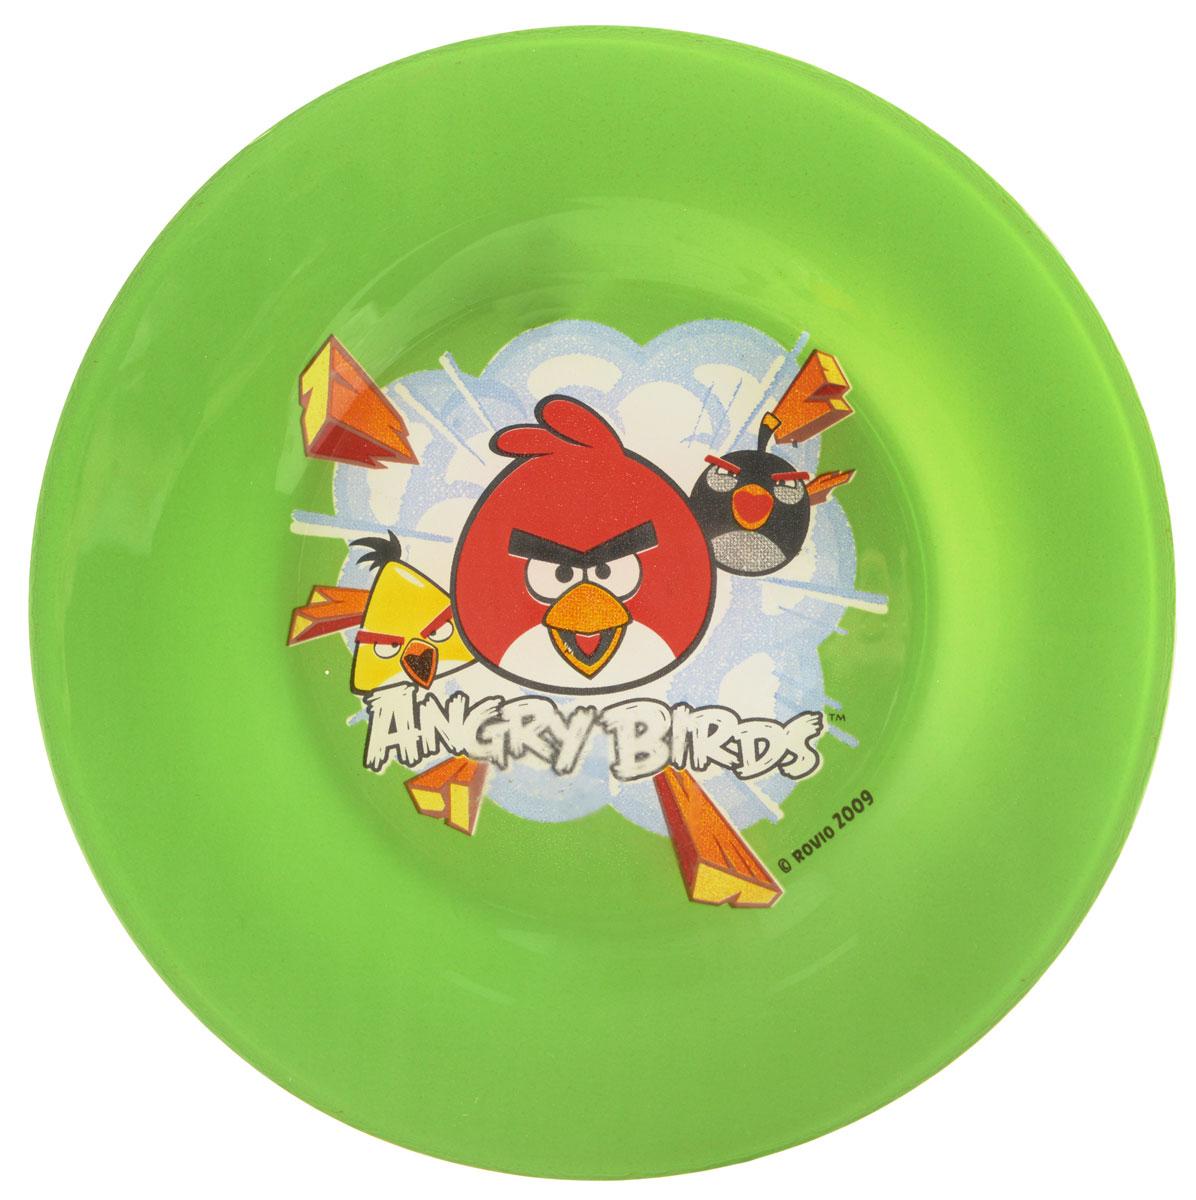 Angry Birds Тарелка детская цвет зеленый диаметр 19,5 смID65662Яркая тарелка Angry Birds идеально подойдет для кормления малыша и самостоятельного приема им пищи. Тарелка выполнена из закаленного стекла и оформлена высококачественным изображением героев игры Angry Birds.Такой подарок станет не только приятным, но и практичным сувениром, добавит ярких эмоций вашему ребенку! Можно использовать в посудомоечной машине.